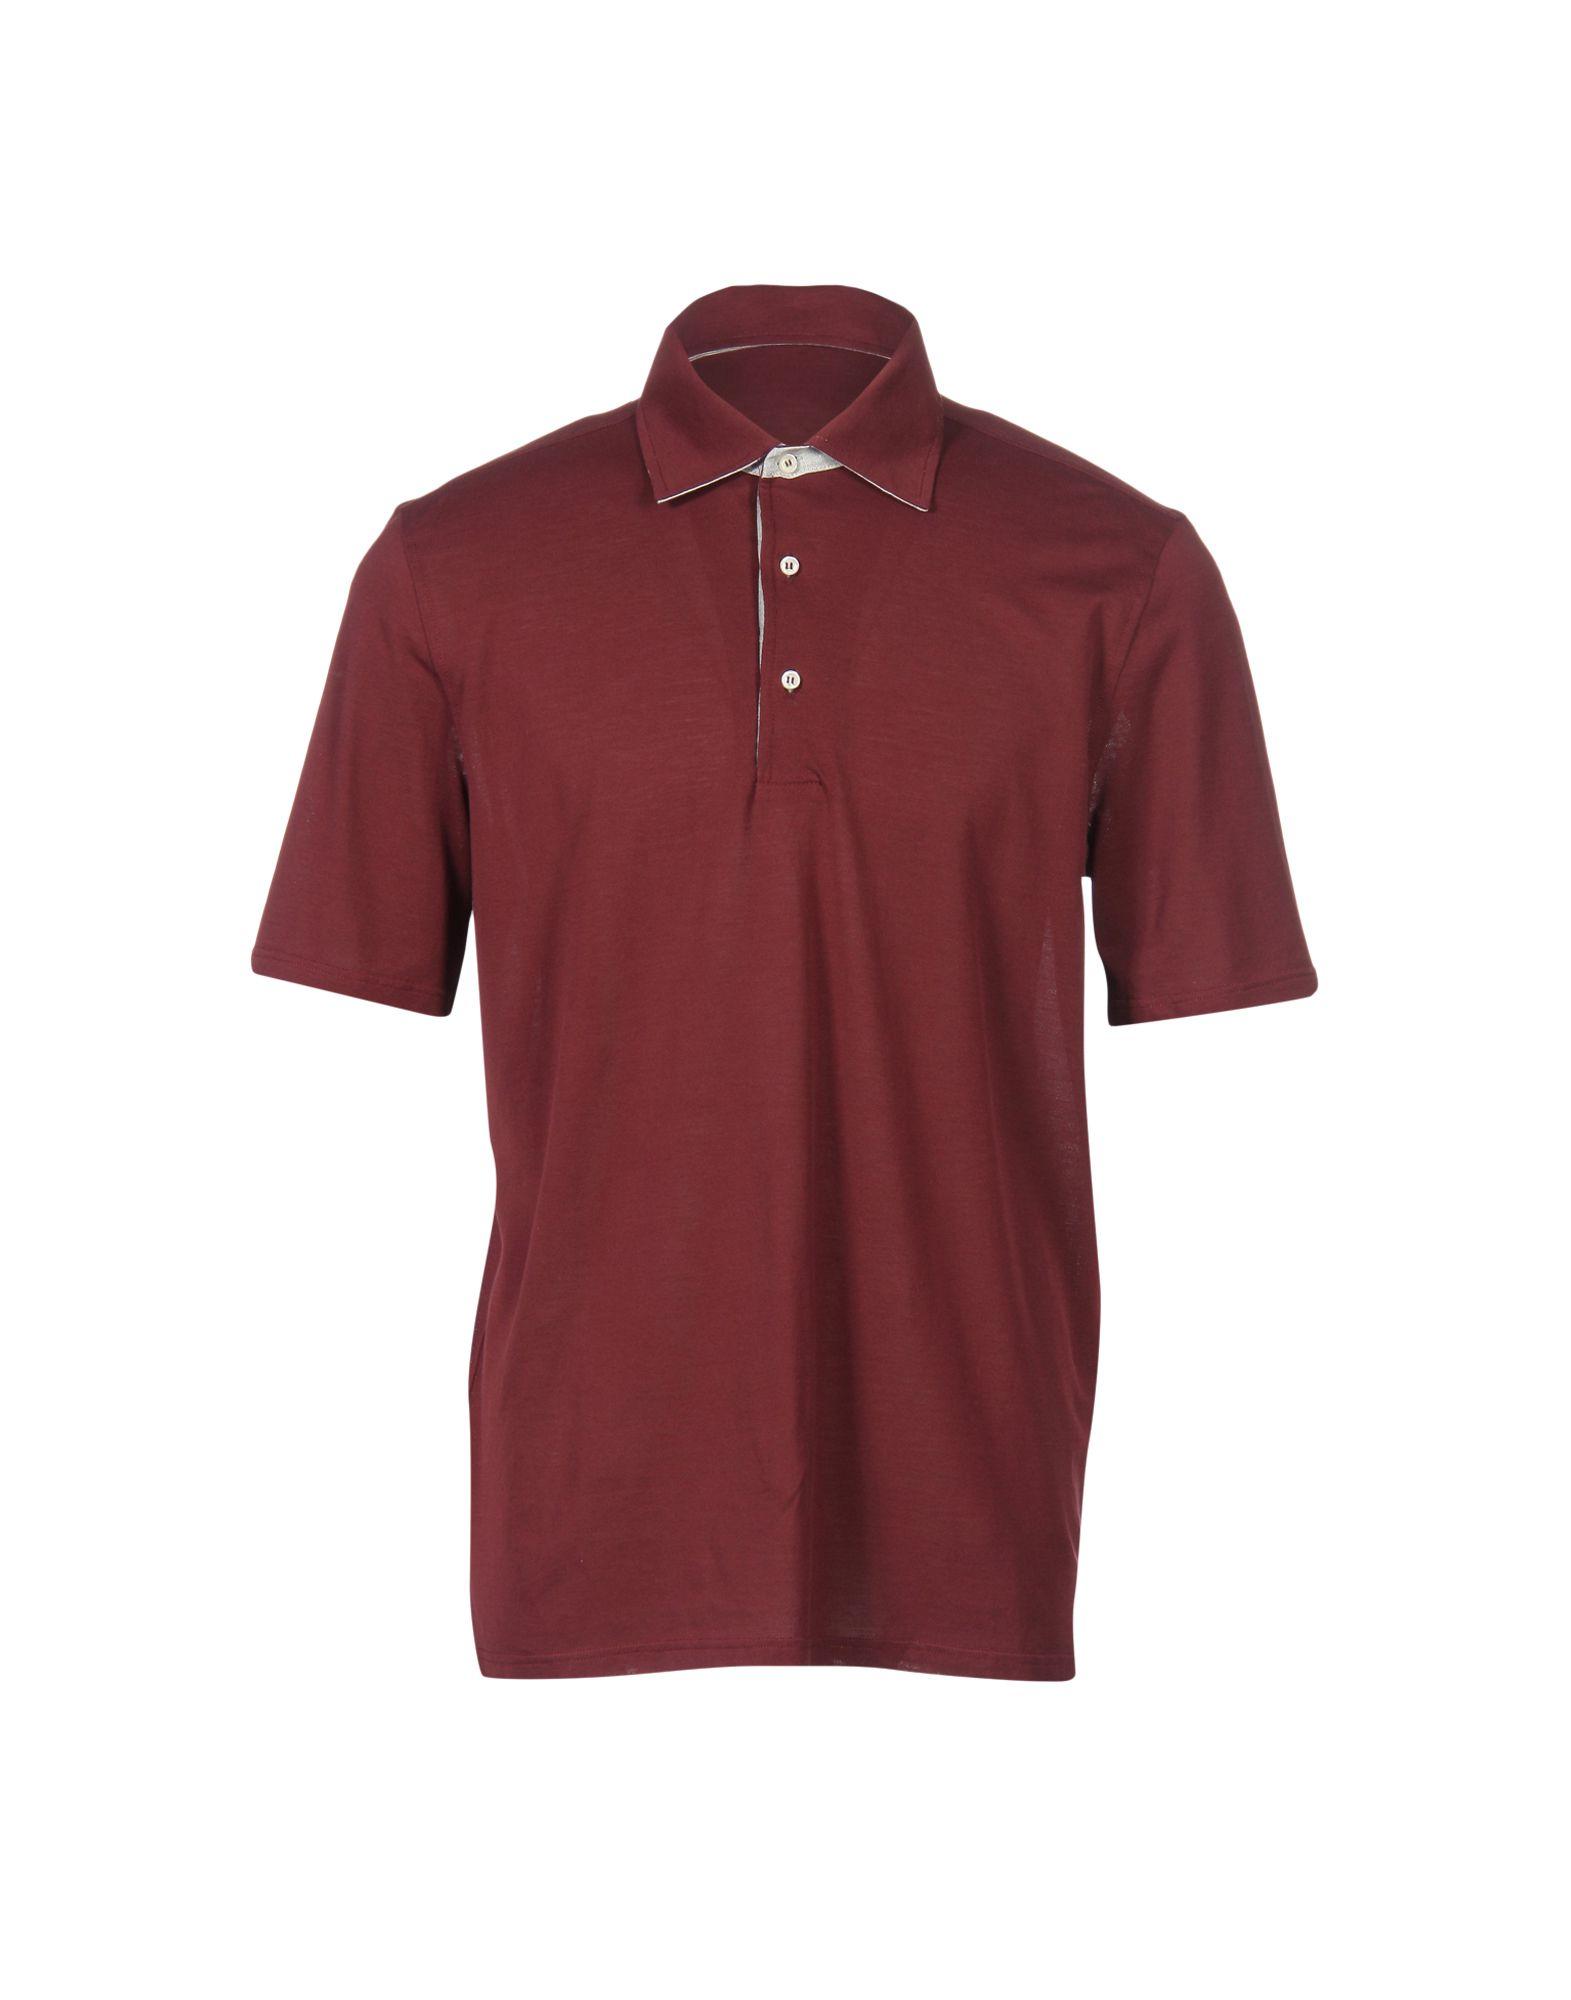 DORIANI Polo Shirt in Maroon